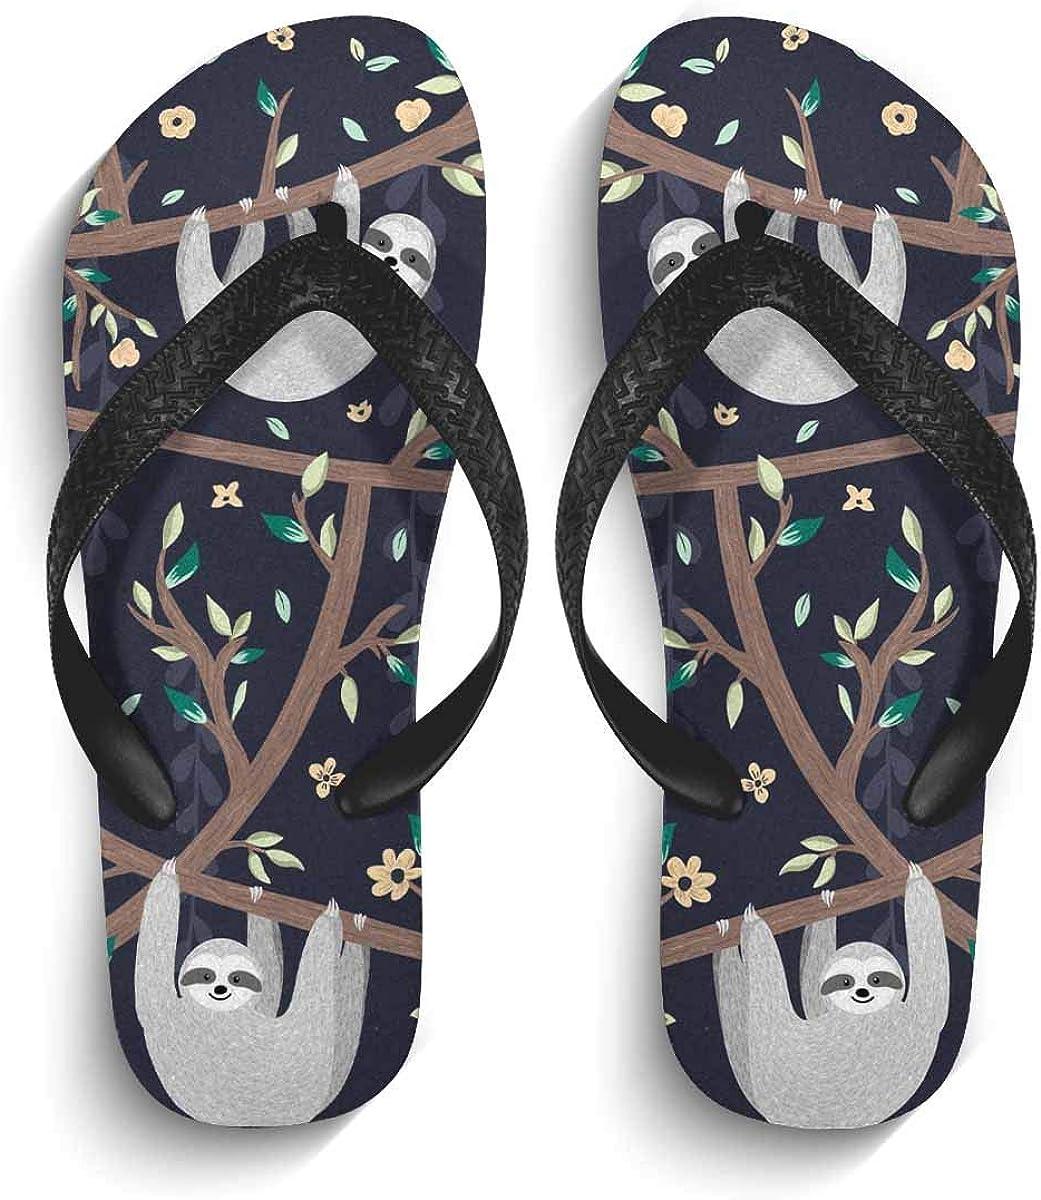 InterestPrint Men's Non-Slip Flip Flop Slippers Colorful Ukulele Flower Beach Thong Sandal